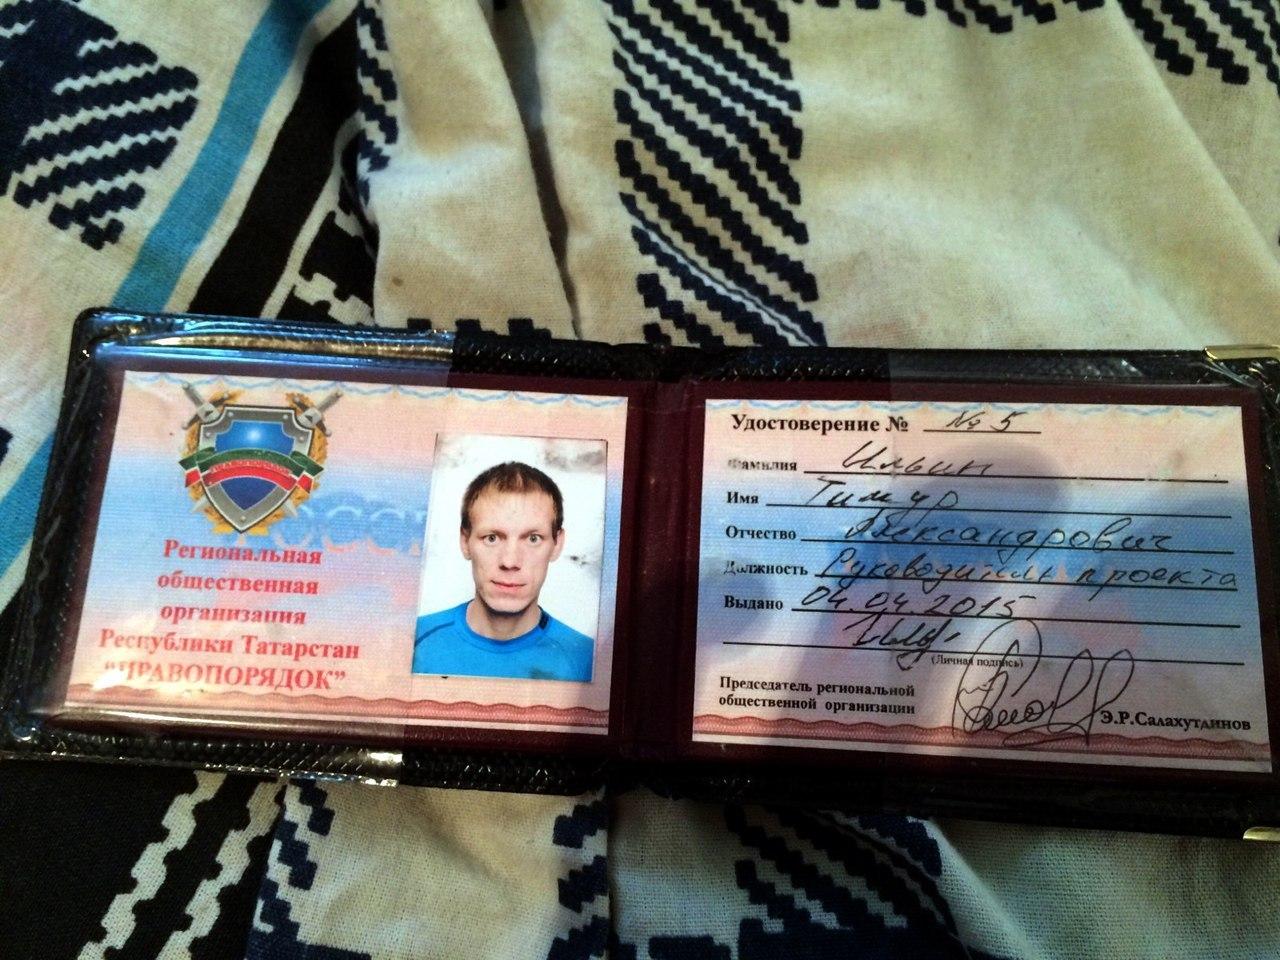 Помощник избитого молодогвардейца Салахутдинова подозревается в крышевании нелегальных игровых заведений